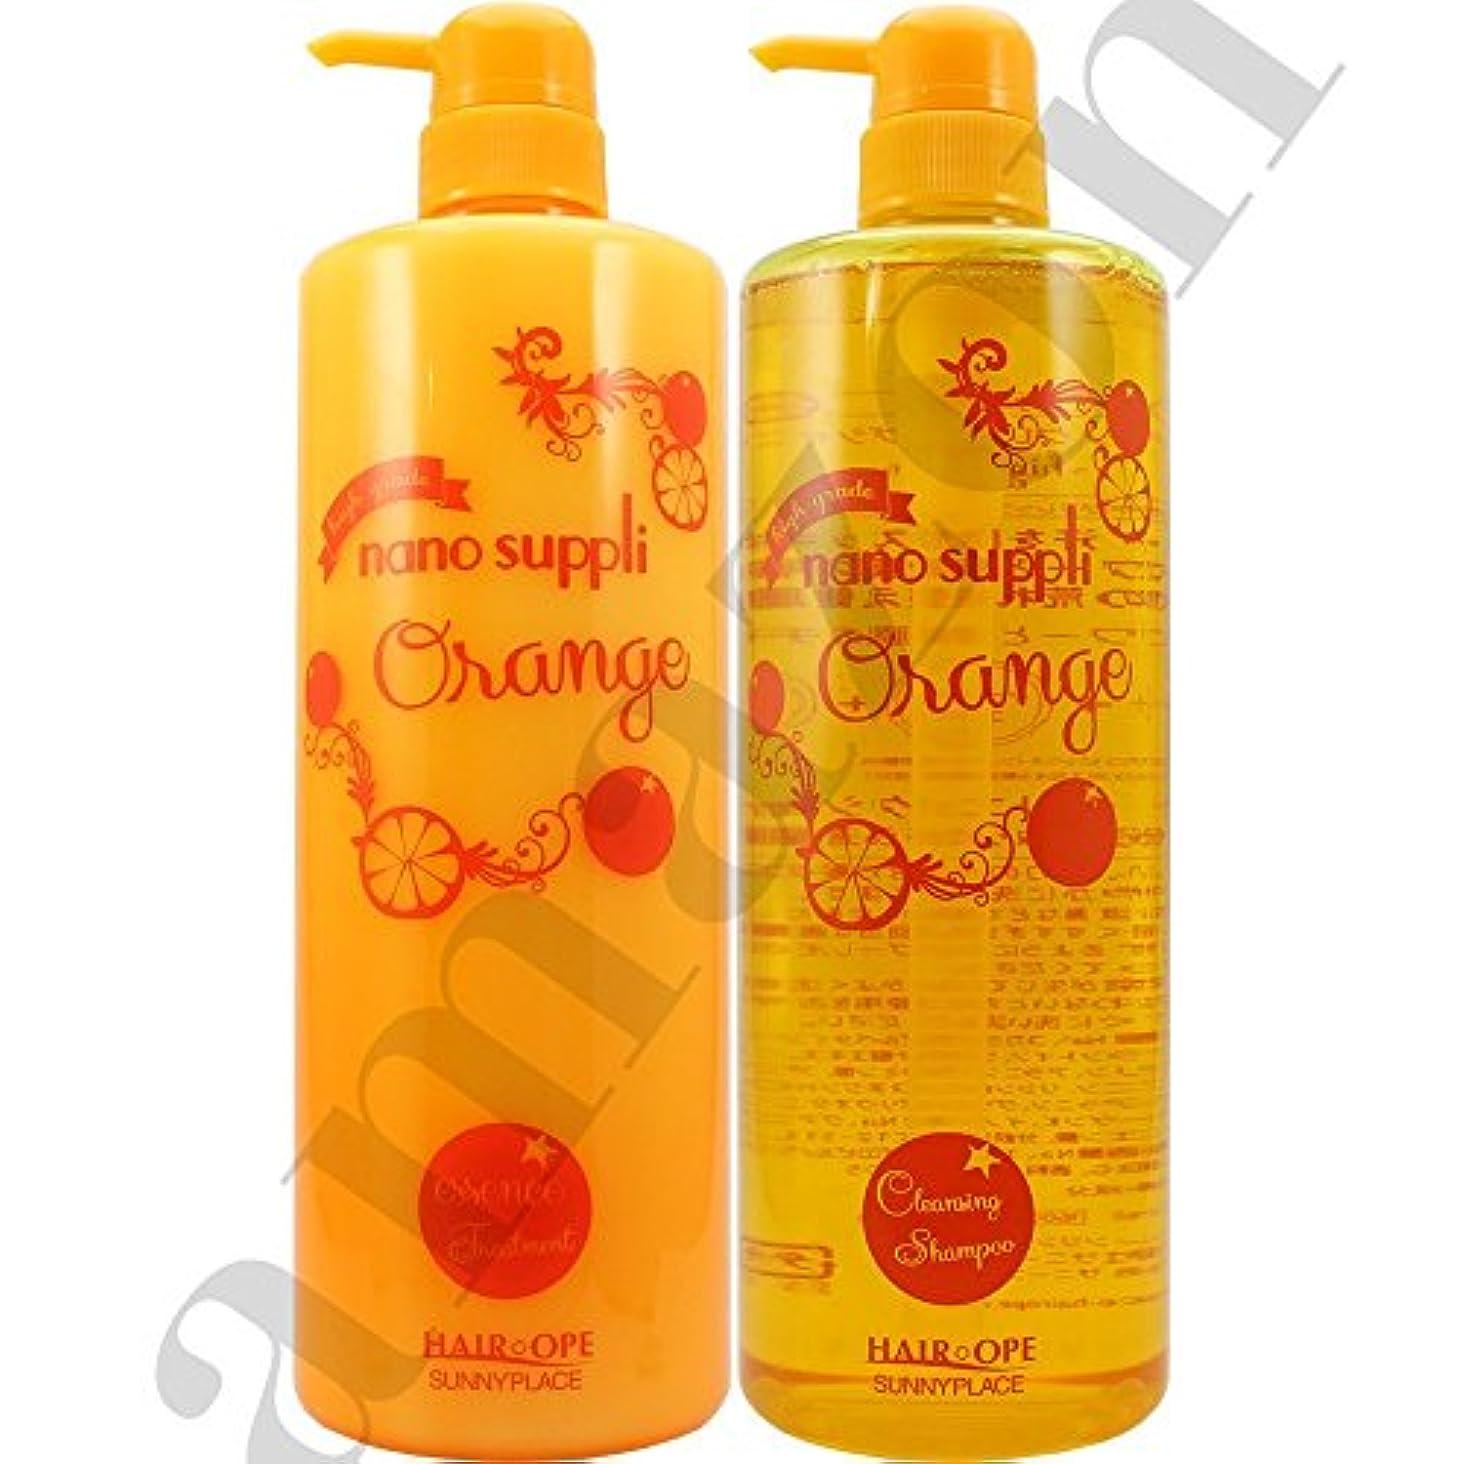 意味有毒なシャワーサニープレイス ナノサプリ クレンジングシャンプー&コンディショナー オレンジ 1000mlボトルセット